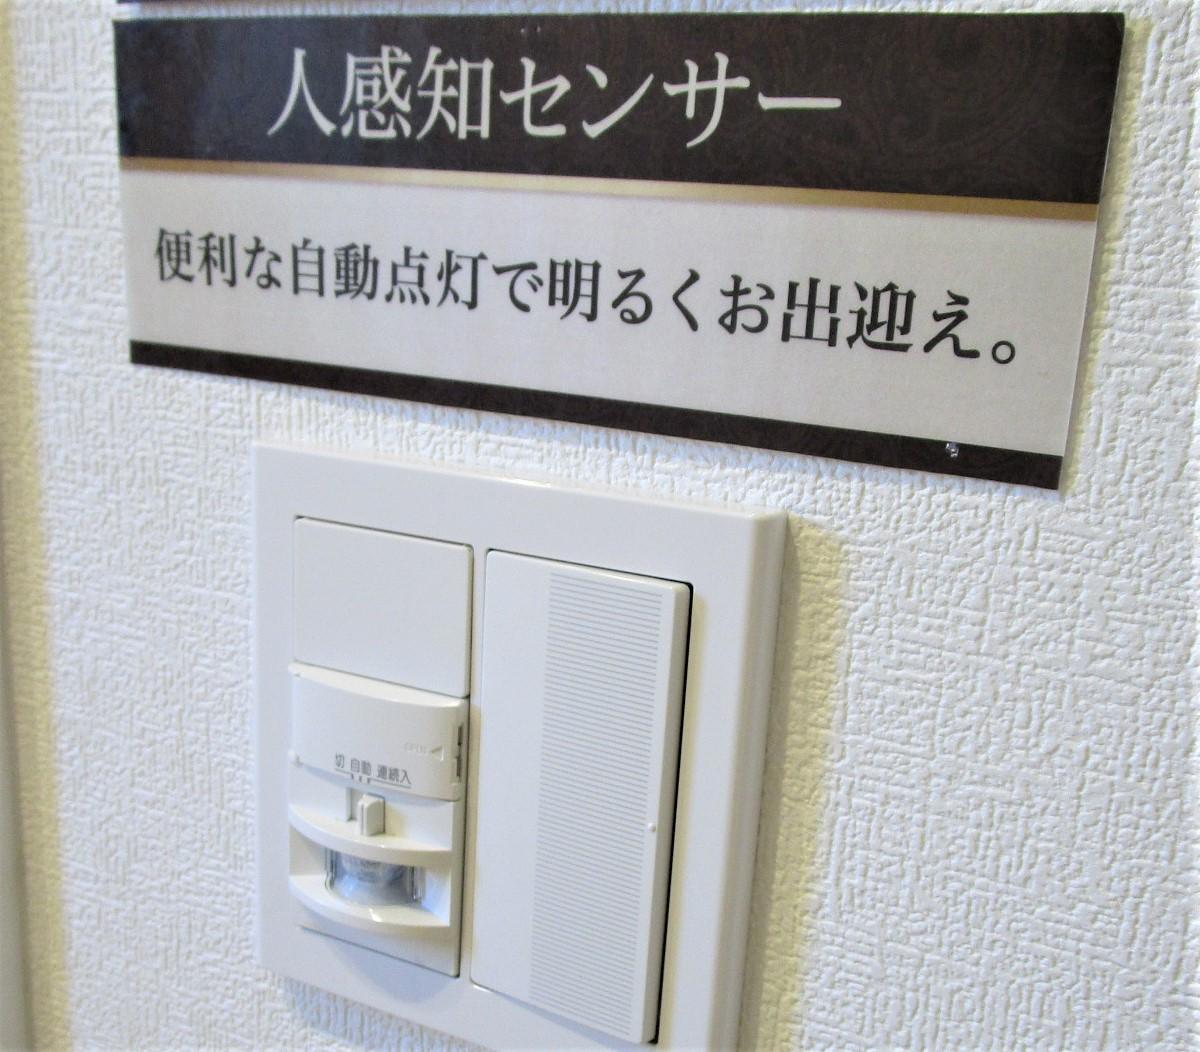 人感センサーで帰宅を明るい玄関がお出迎え☆彡